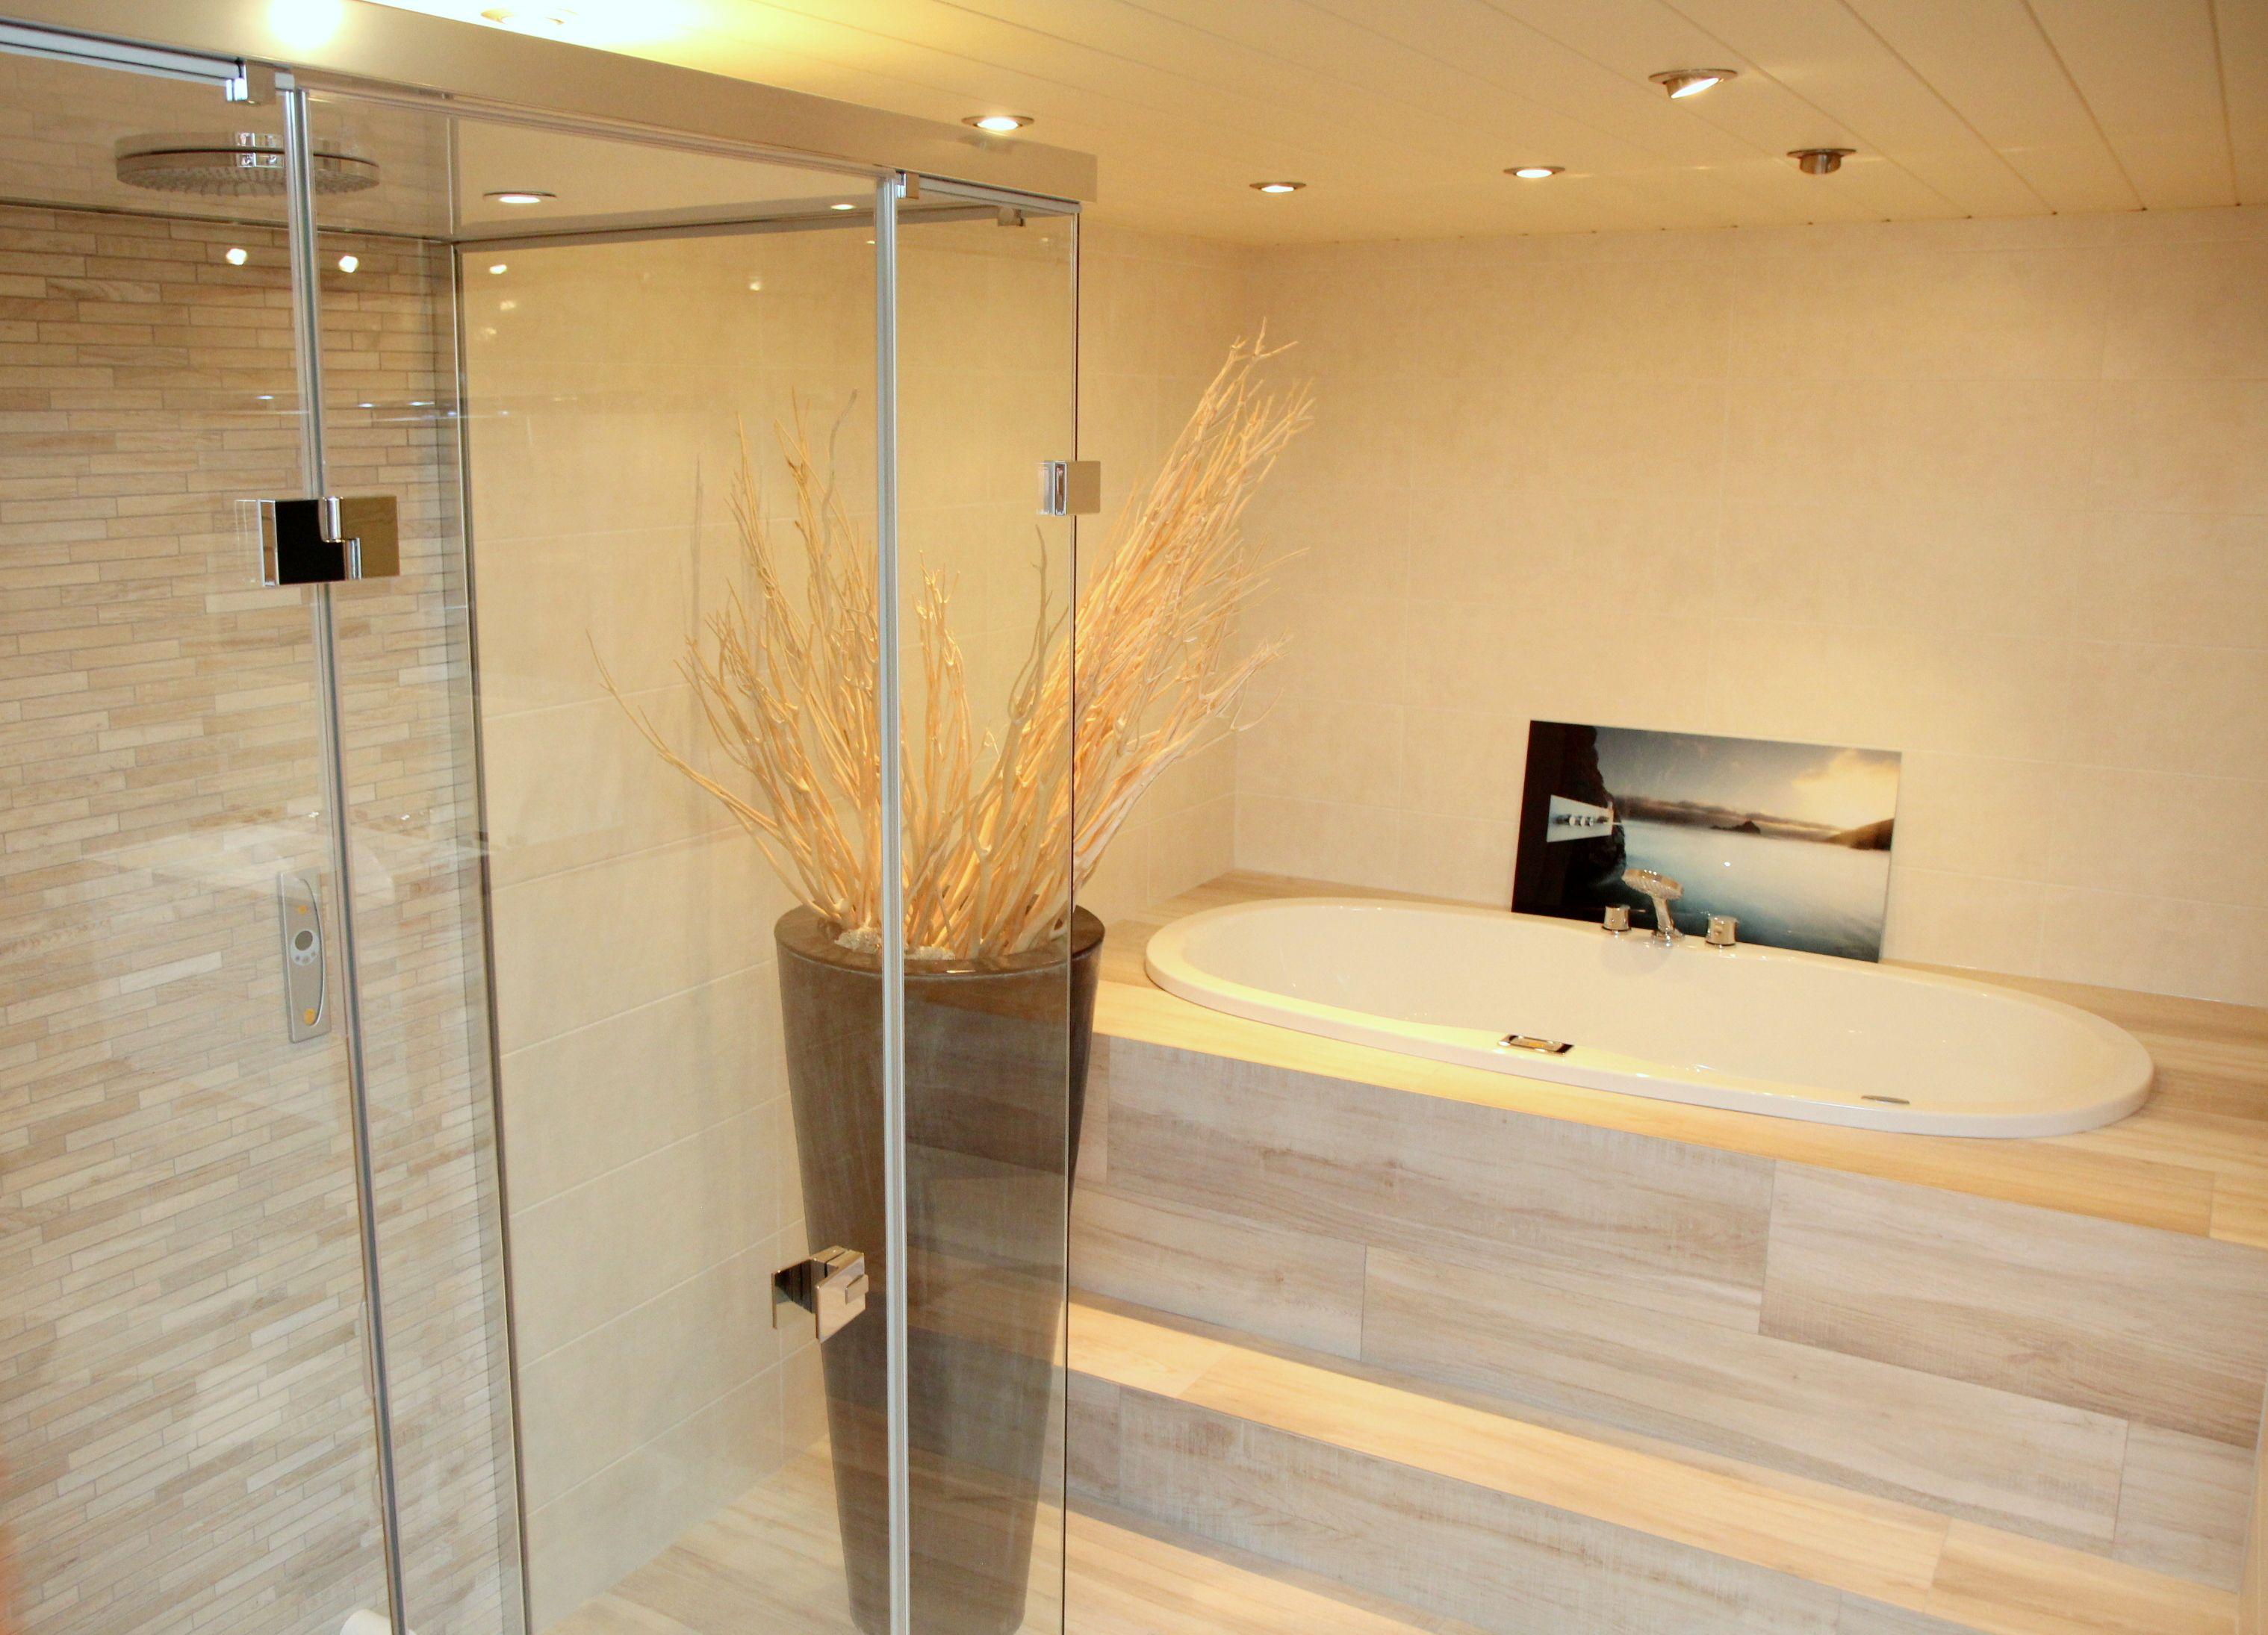 Badkamermeubel Met Stoomdouchecabine : Bubbels & jets. badkamer met natuurlijke uitstraling keramisch